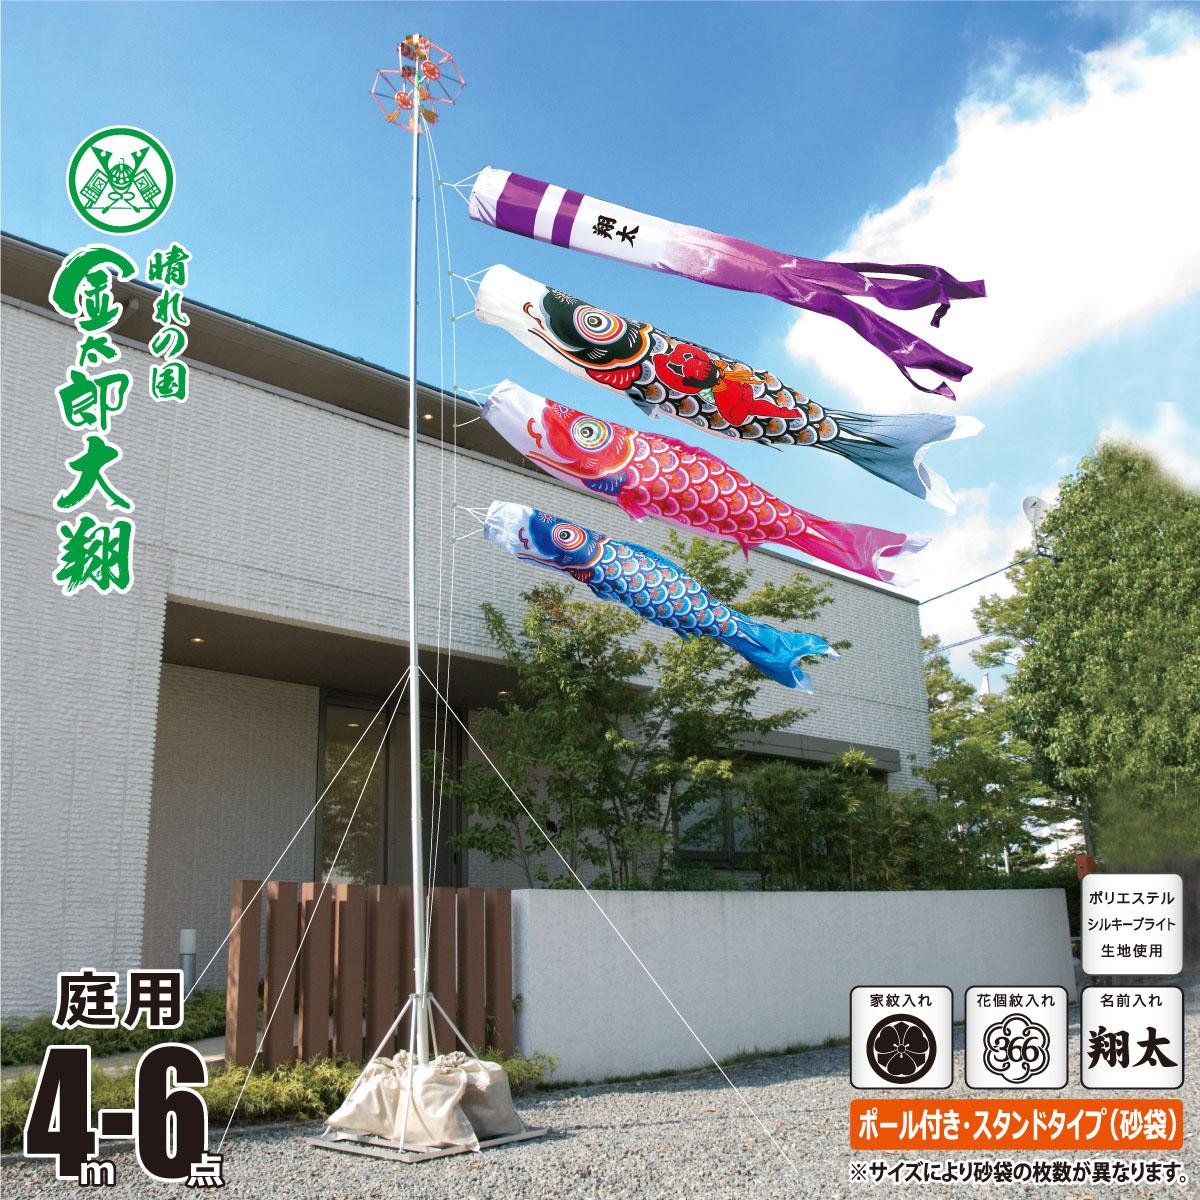 こいのぼり 4m 金太郎大翔 6点 (矢車、ロープ、吹流し、鯉3匹) 庭園用 スタンドセット (庭用 スタンド 砂袋6枚入り) 徳永鯉のぼり KIT-003-687